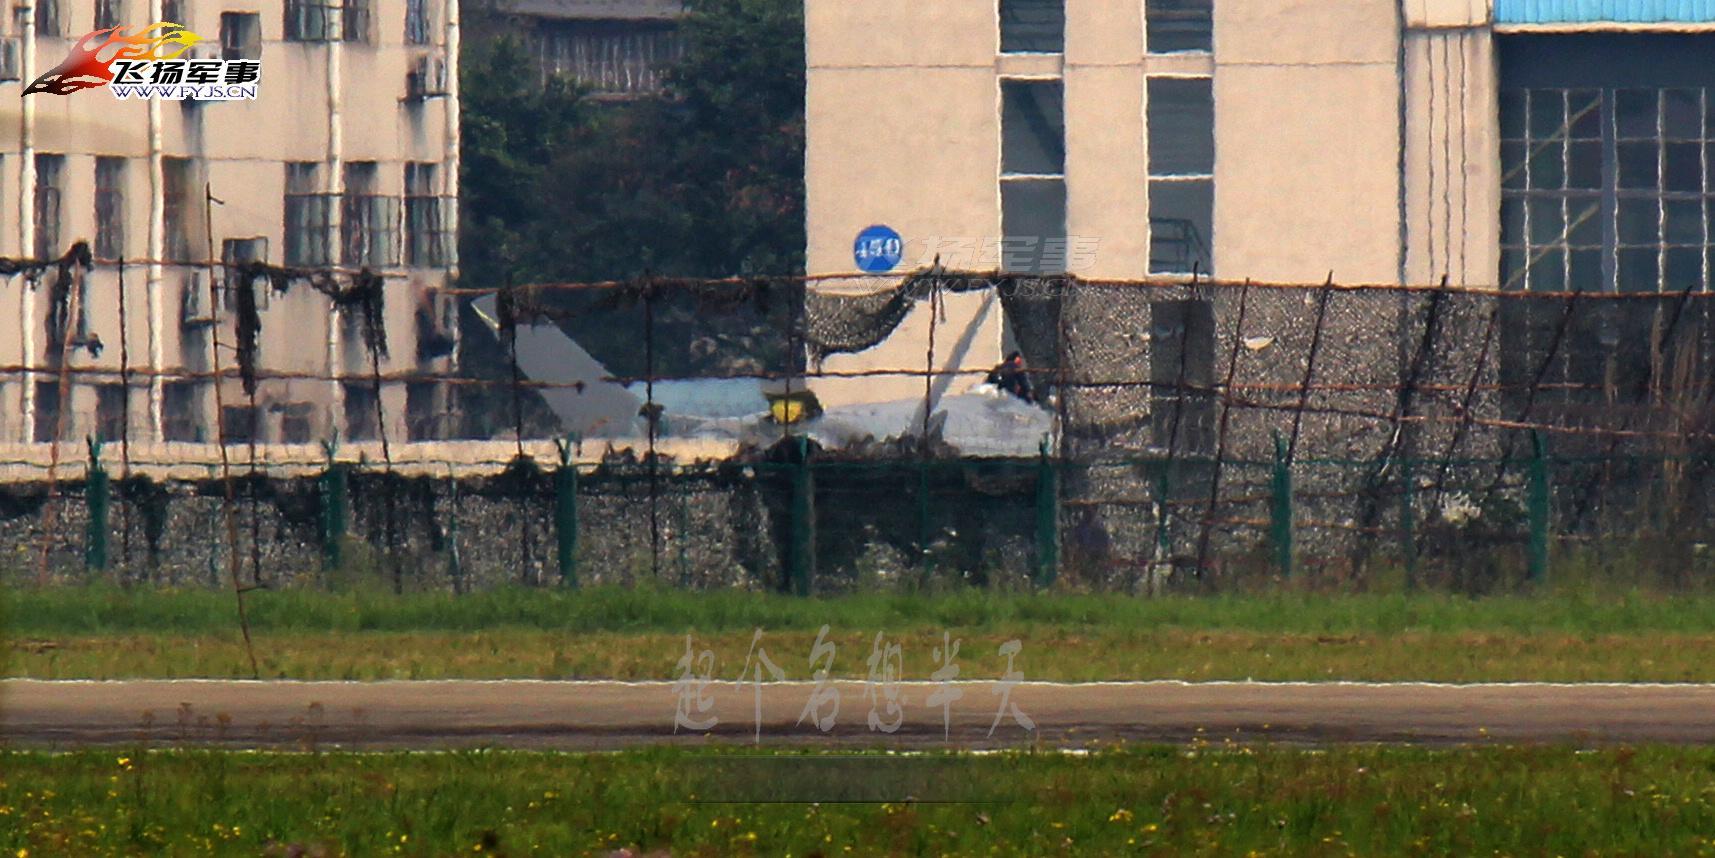 环球网国际军情中心2012年4月23日消息:在成都飞机工业集团的试验基地,沉寂了一段时间的2001号歼20四代战斗机再次出现在人们的视野。一组来自网络的图片拍摄到了2001号歼20战斗机在停机坪上的场景。从照片上看,2001号歼20战斗机的座舱盖已被拆除,具体原因不明。